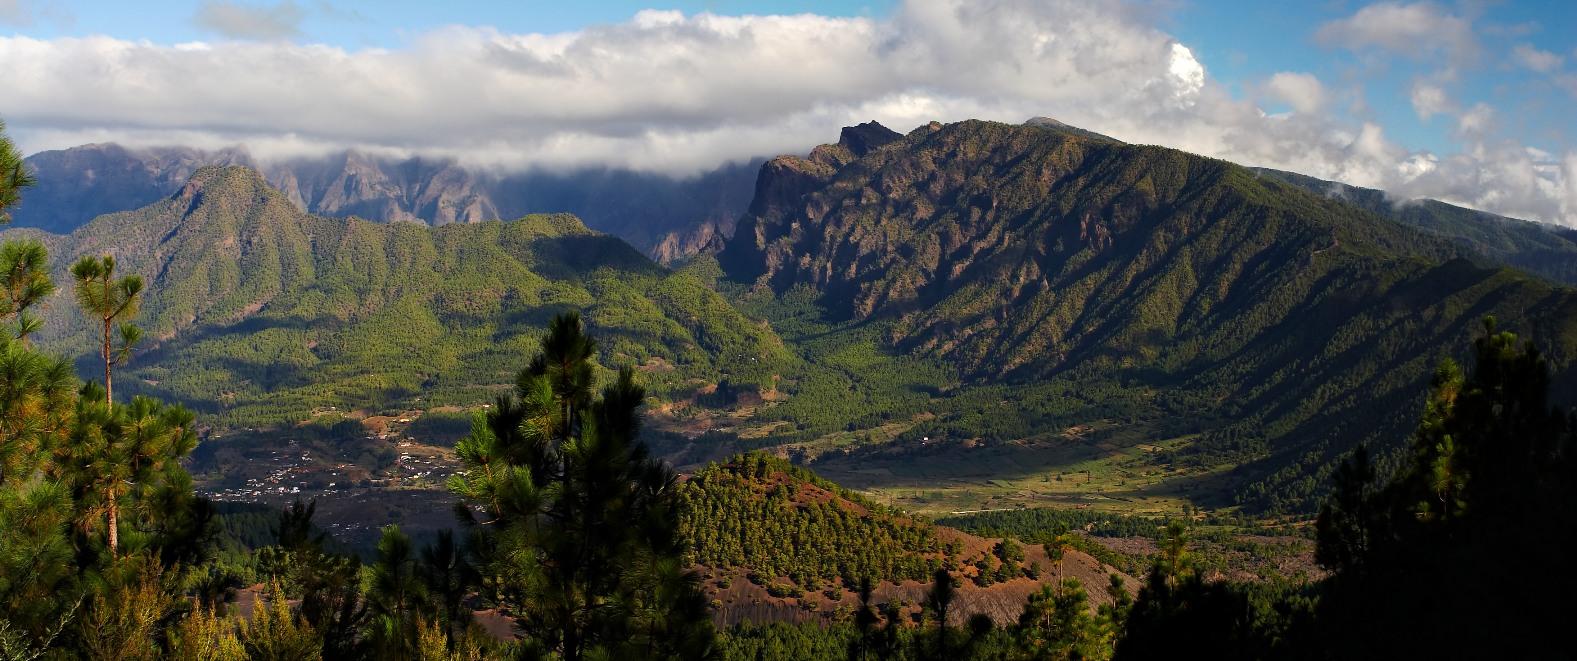 ациональный парк Кальдера де Табуриенте